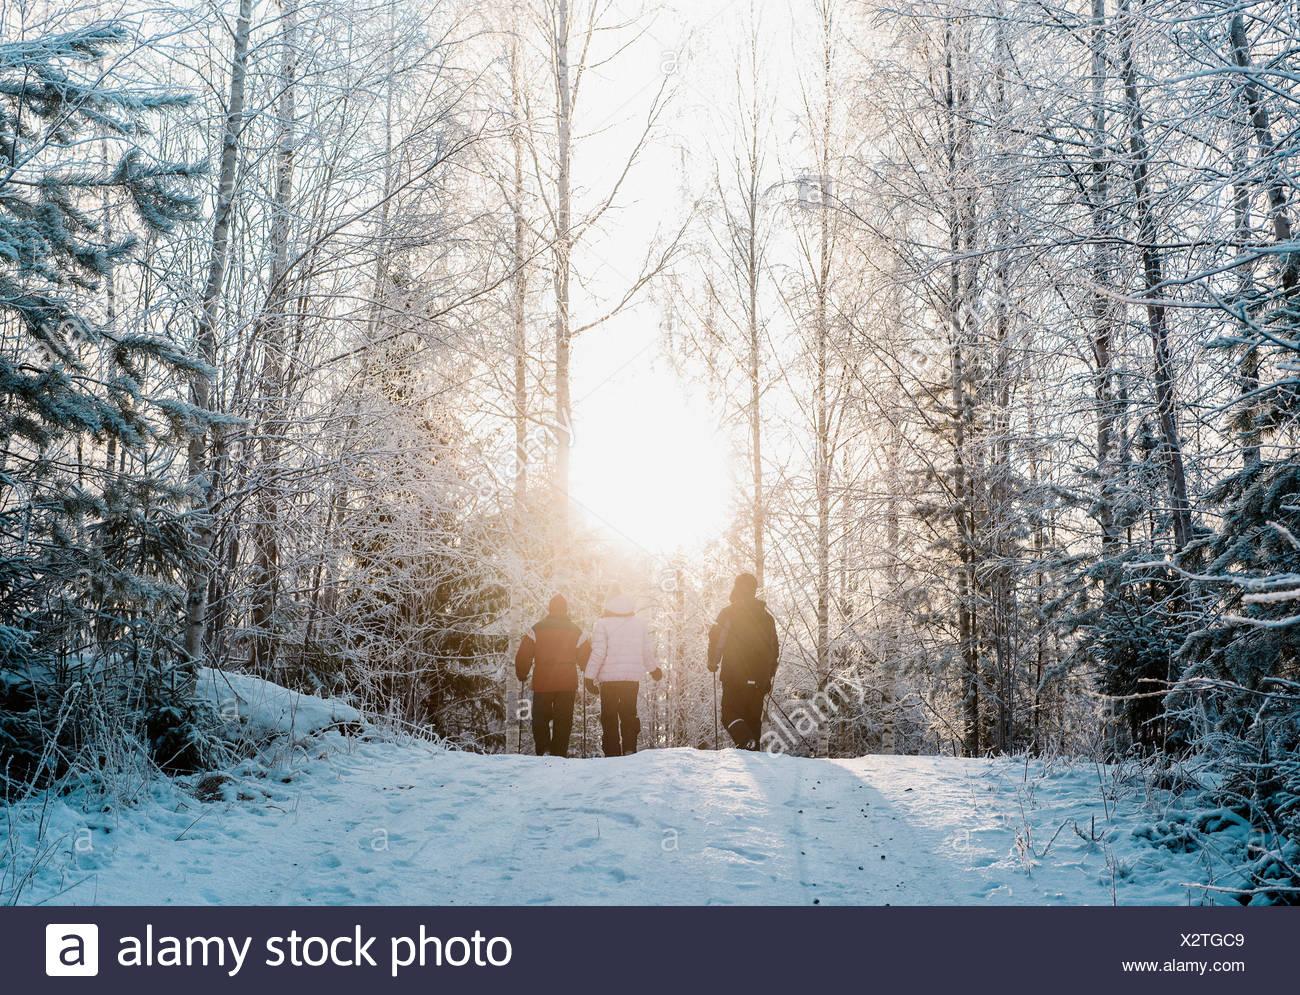 Drei Menschen nordic walking im Schnee bedeckt Wald Stockbild